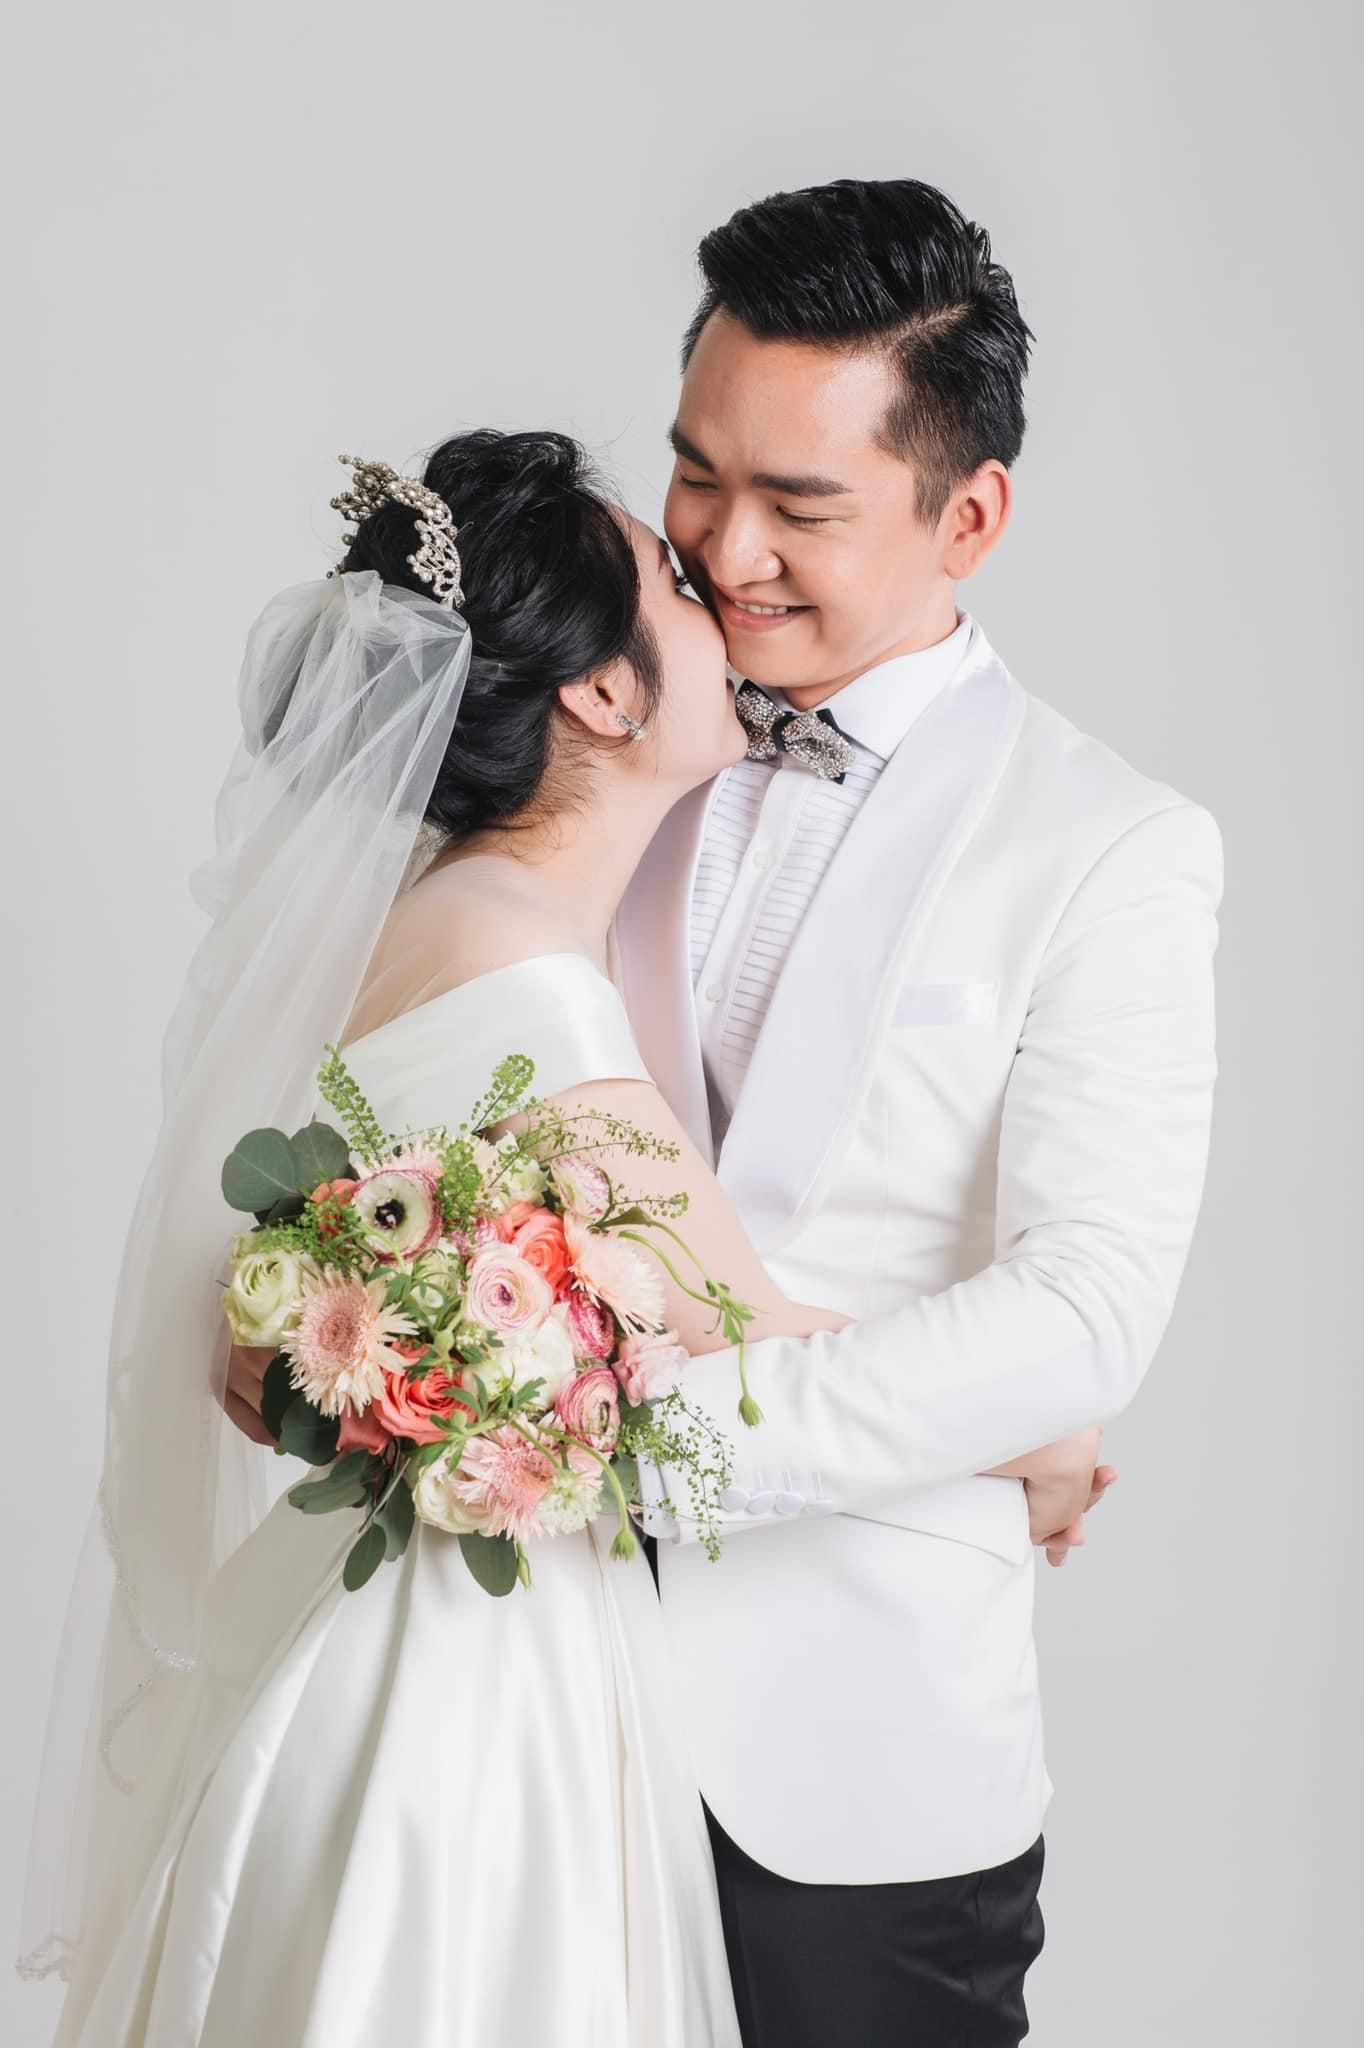 MC Hạnh Phúc chia sẻ sắp có con, tiết lộ lý do chưa thể tổ chức tiệc cưới Ảnh 3